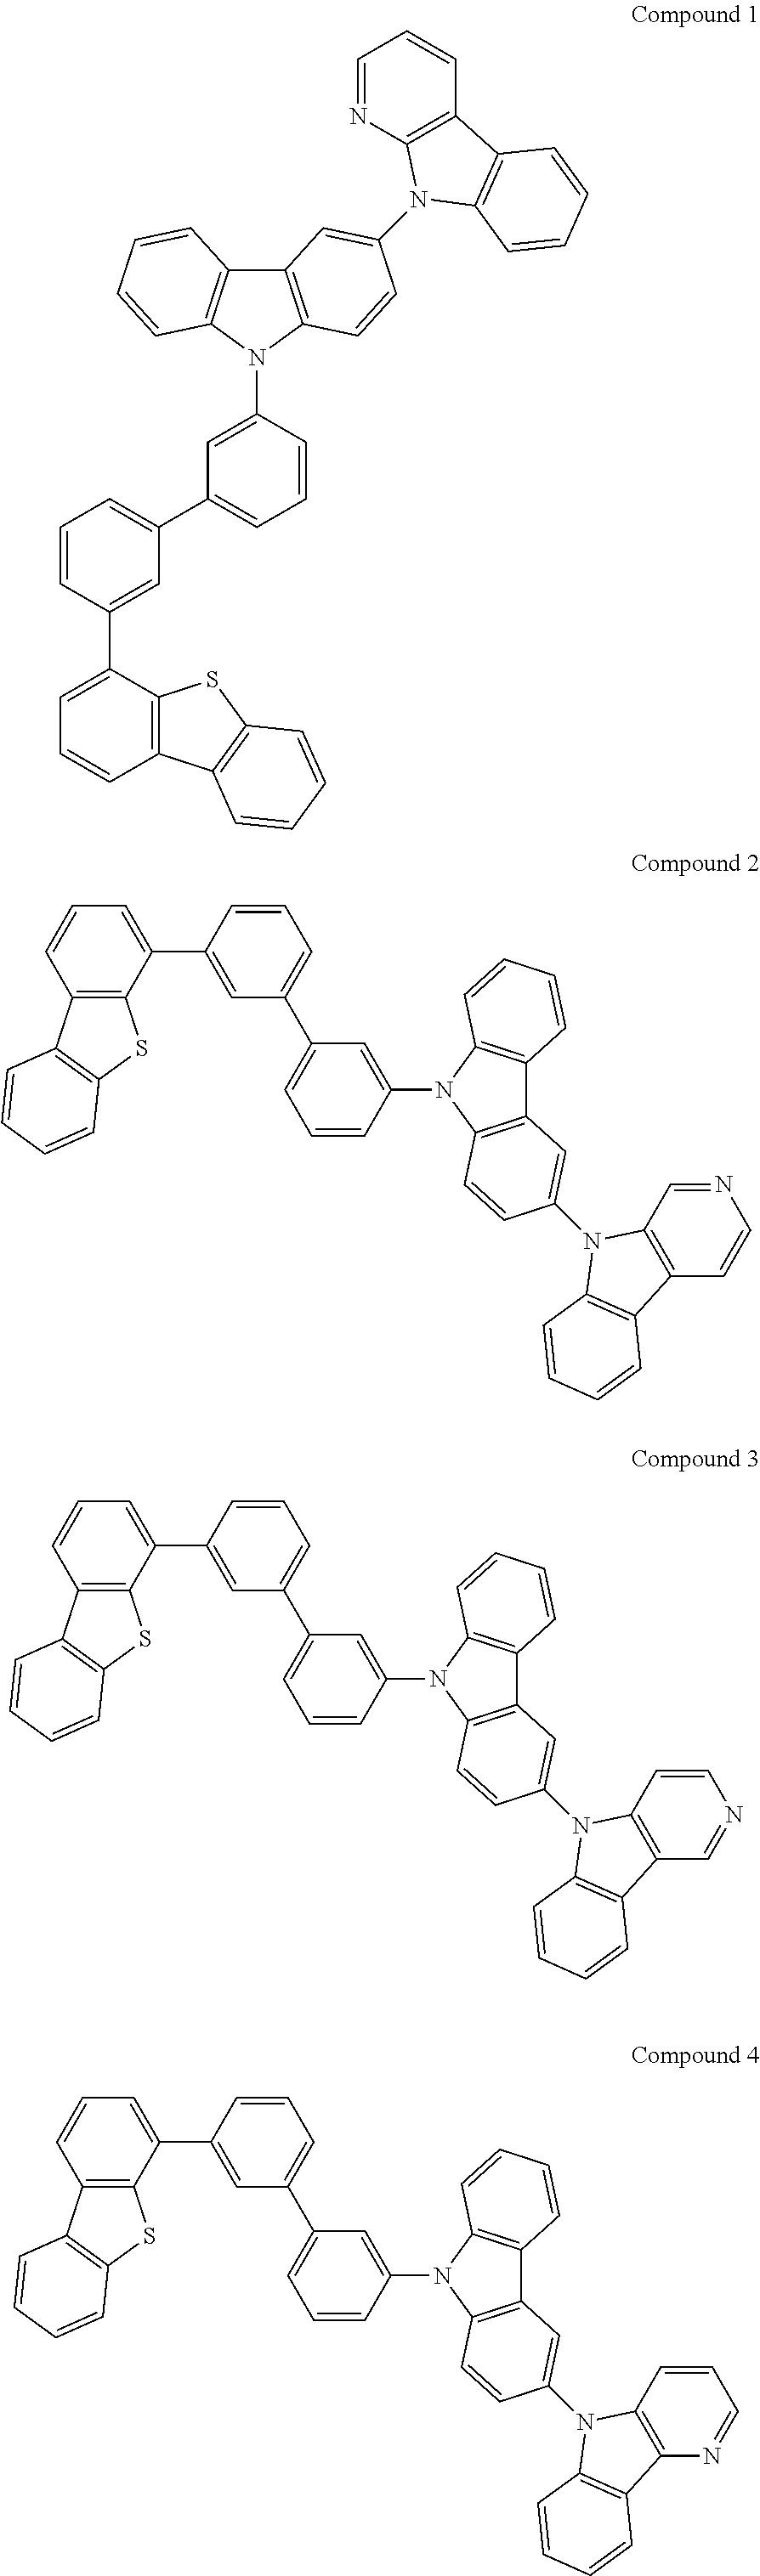 Figure US08580399-20131112-C00018